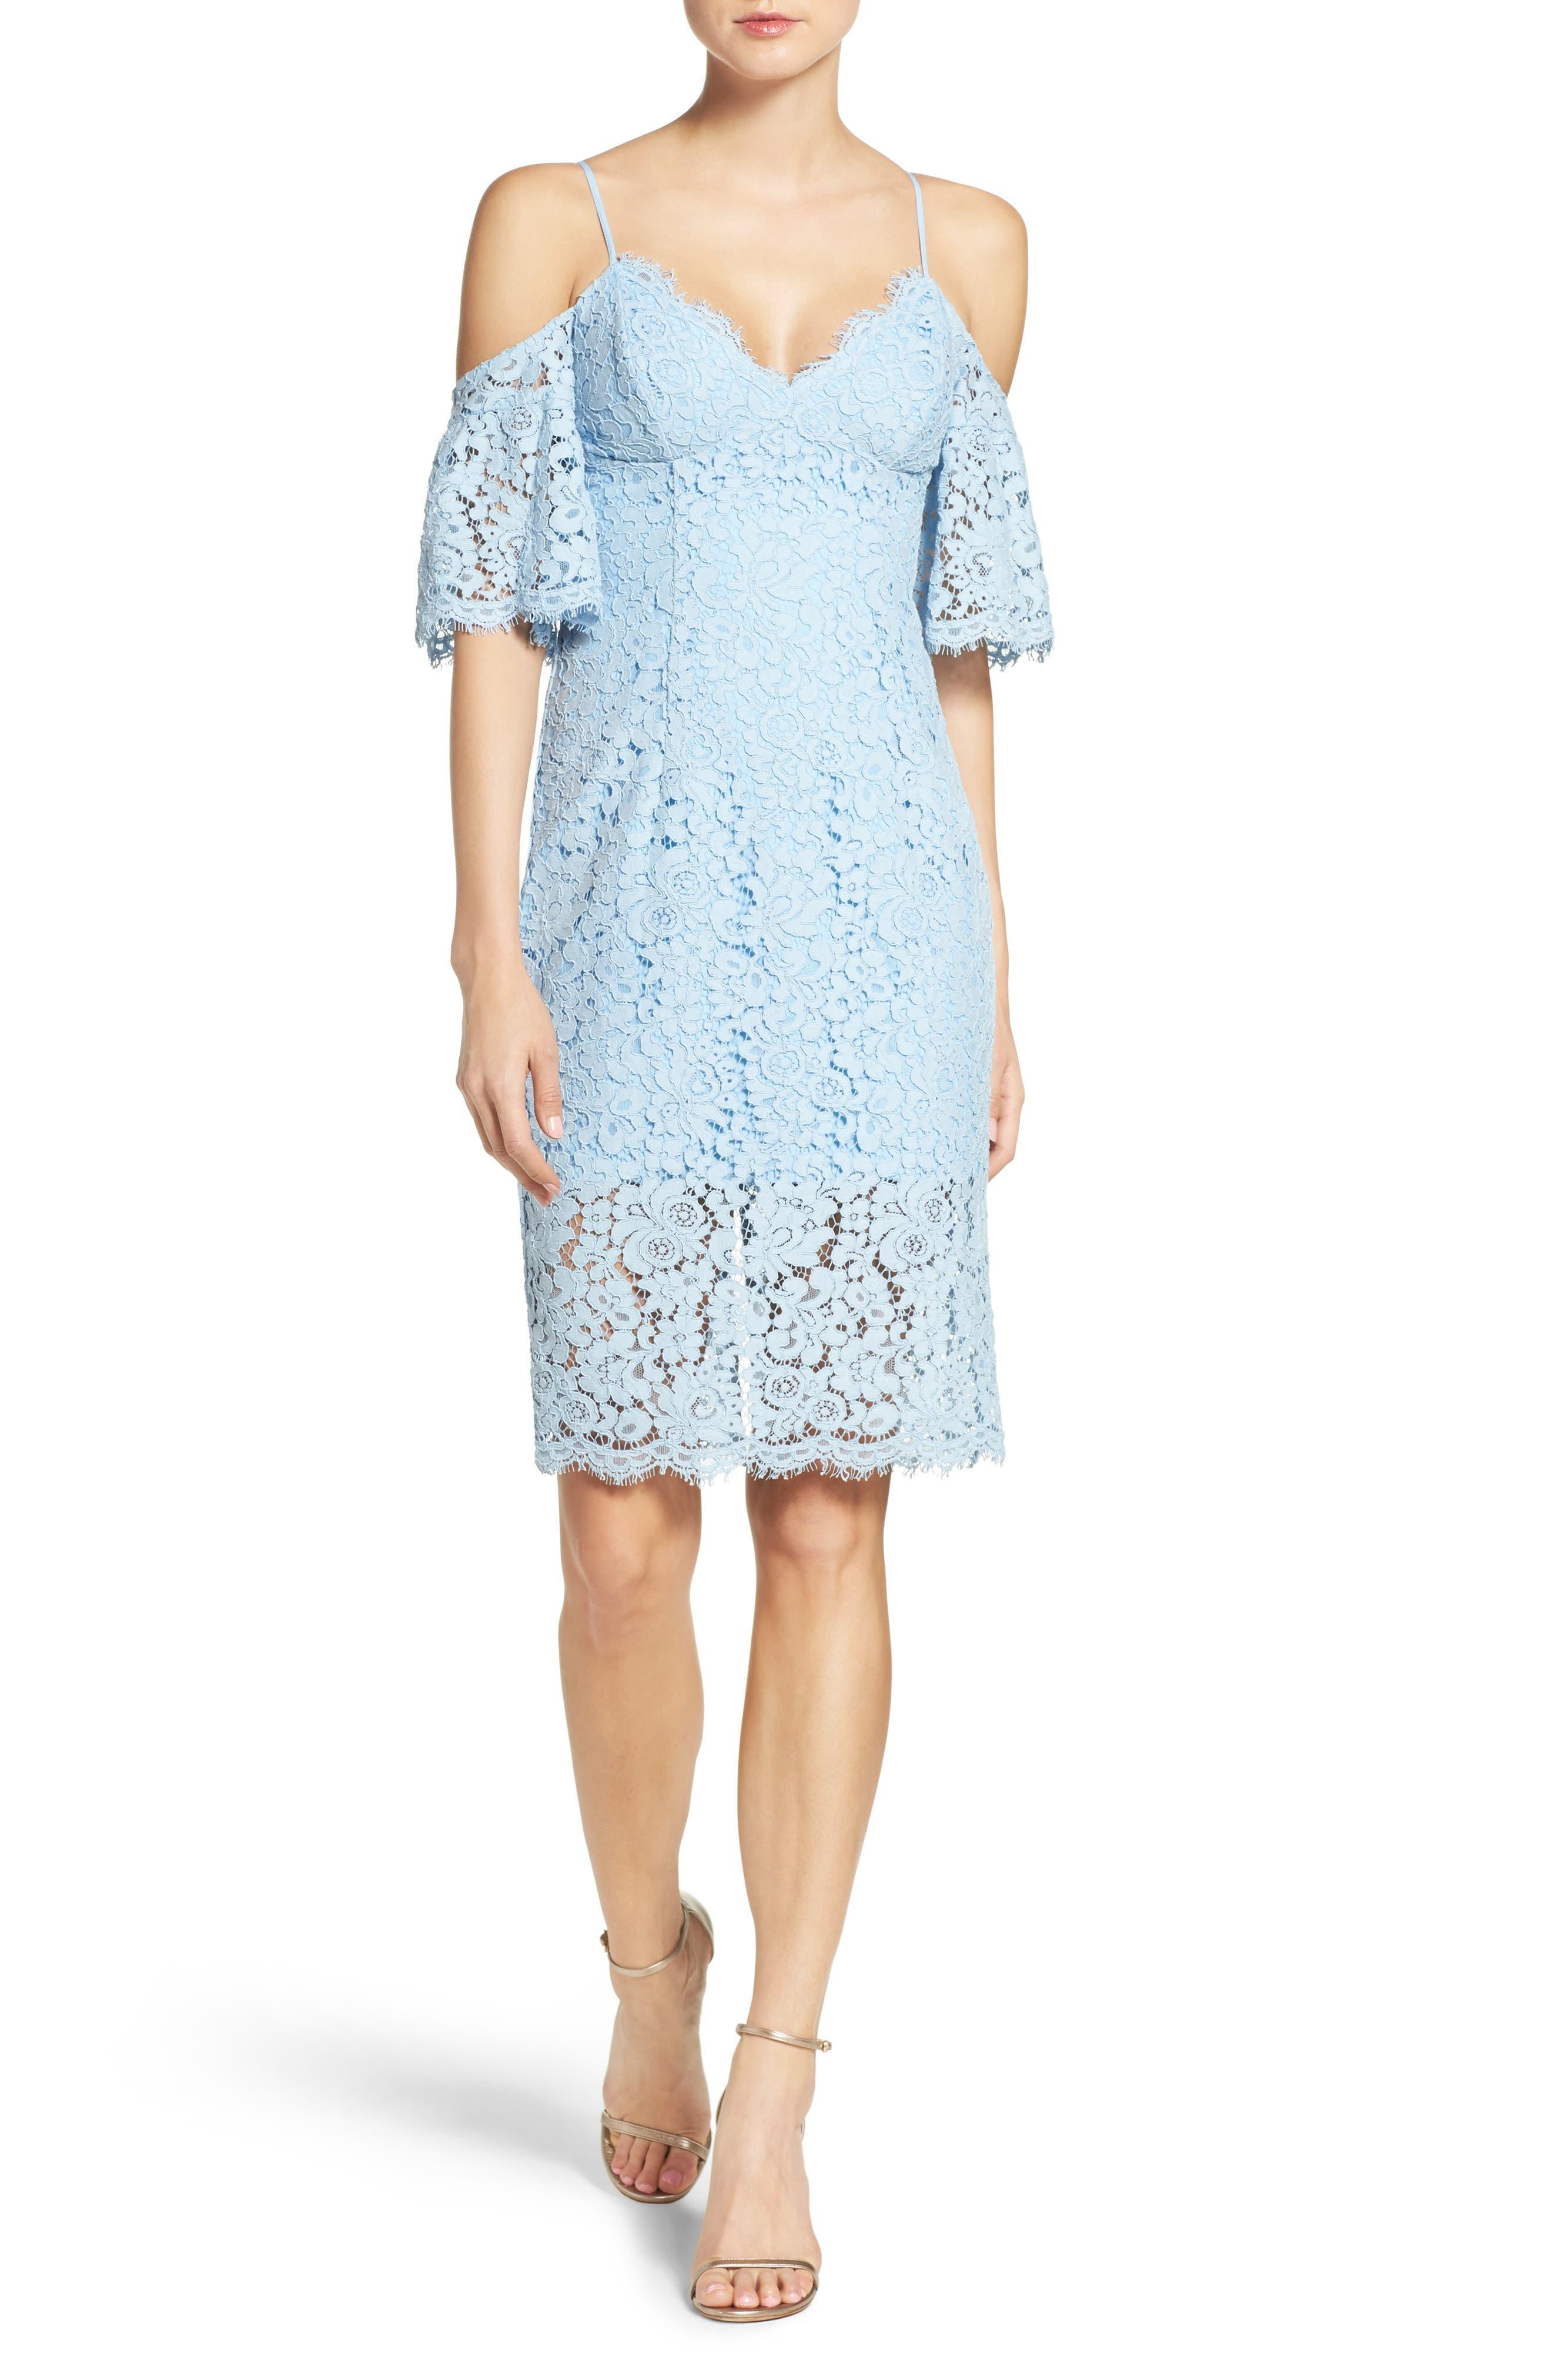 Alternate Image 1 Selected - Bardot Karlie Cold Shoulder Lace Dress